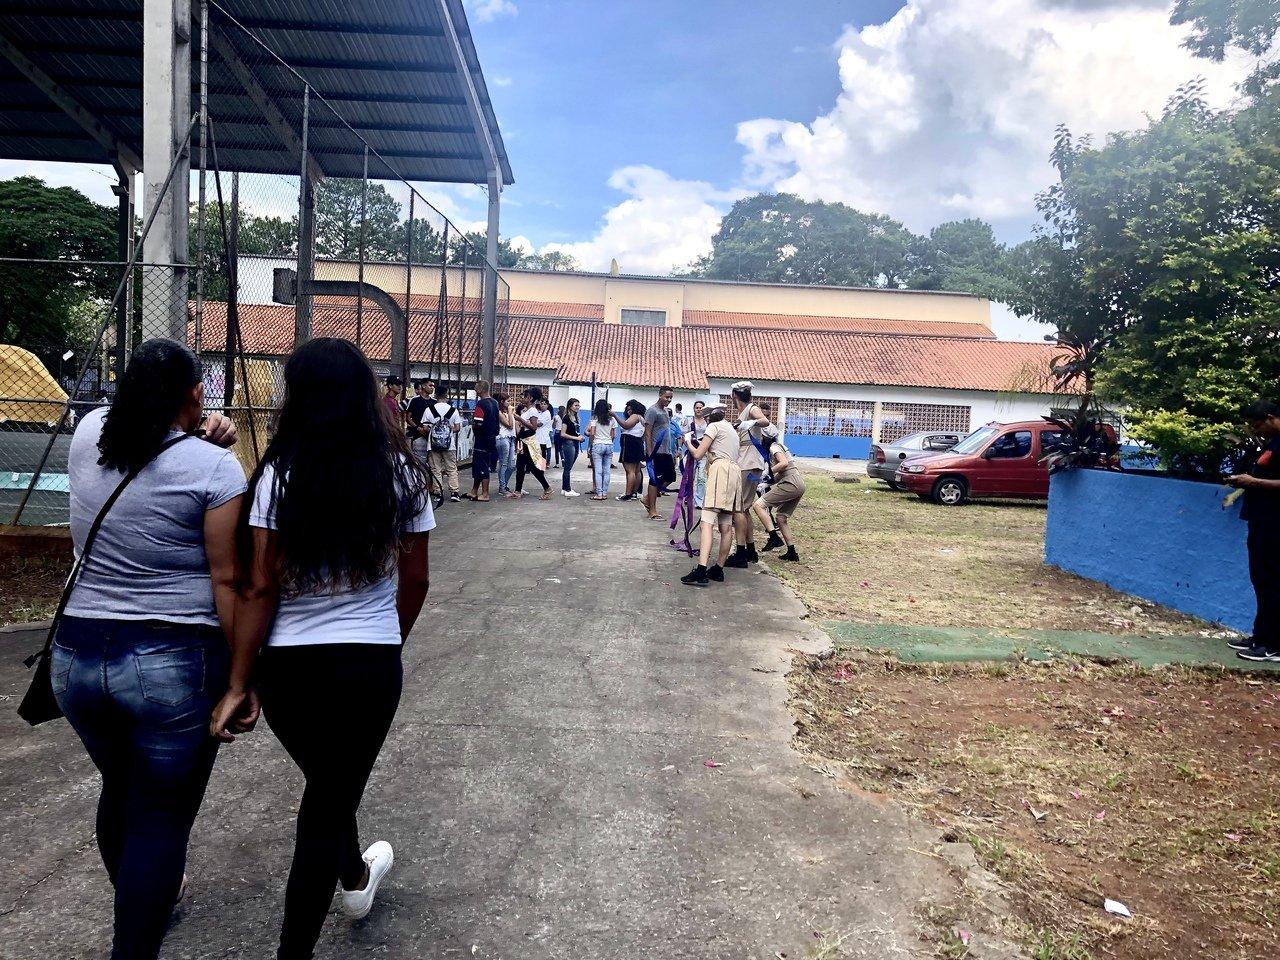 Tragedia Em Suzano Hoje Pinterest: Como Foi O Retorno às Aulas Na Raul Brasil, Em Suzano